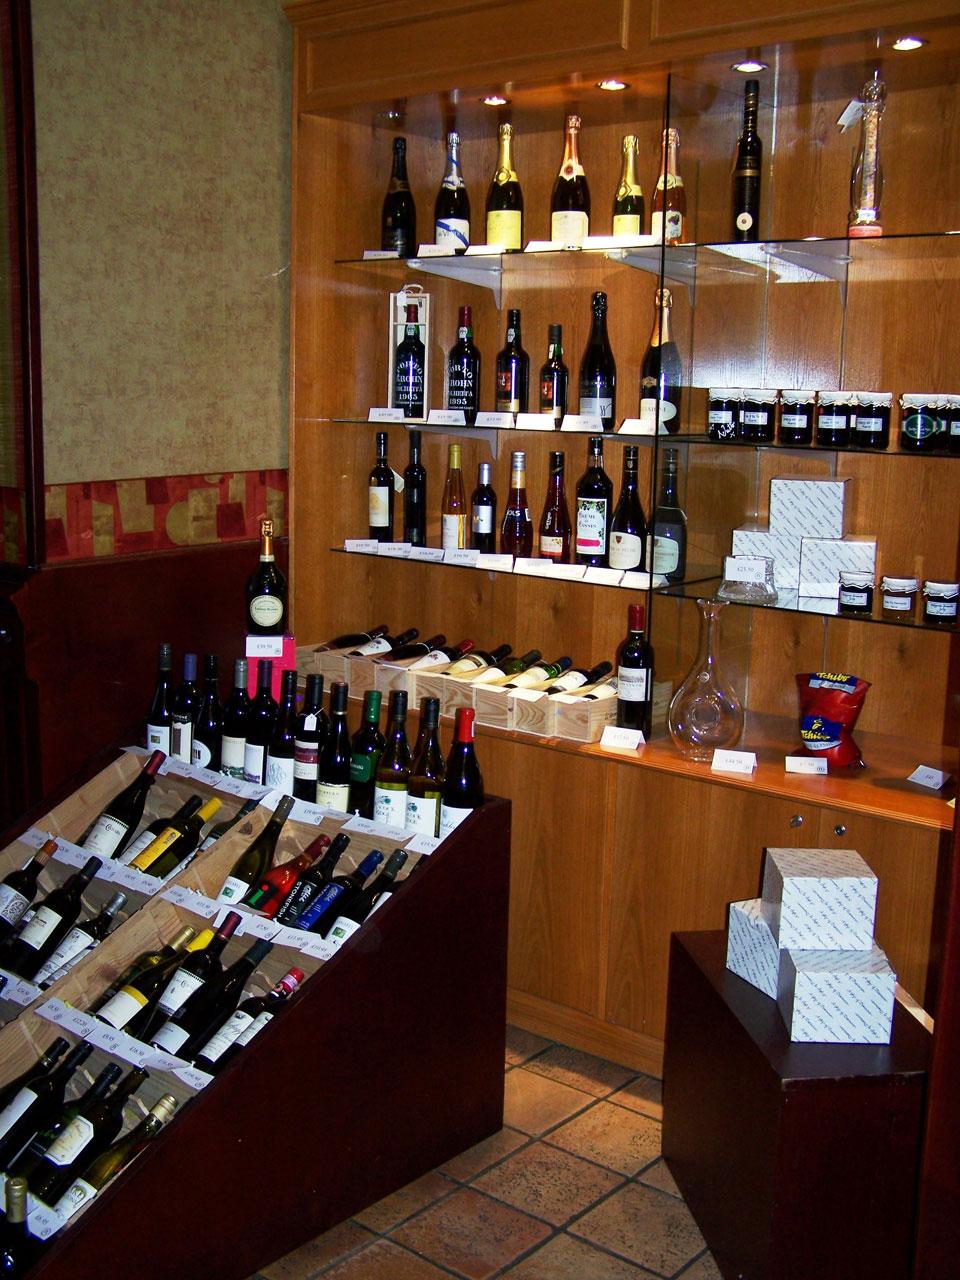 Pre-Stock Wine Bill passes